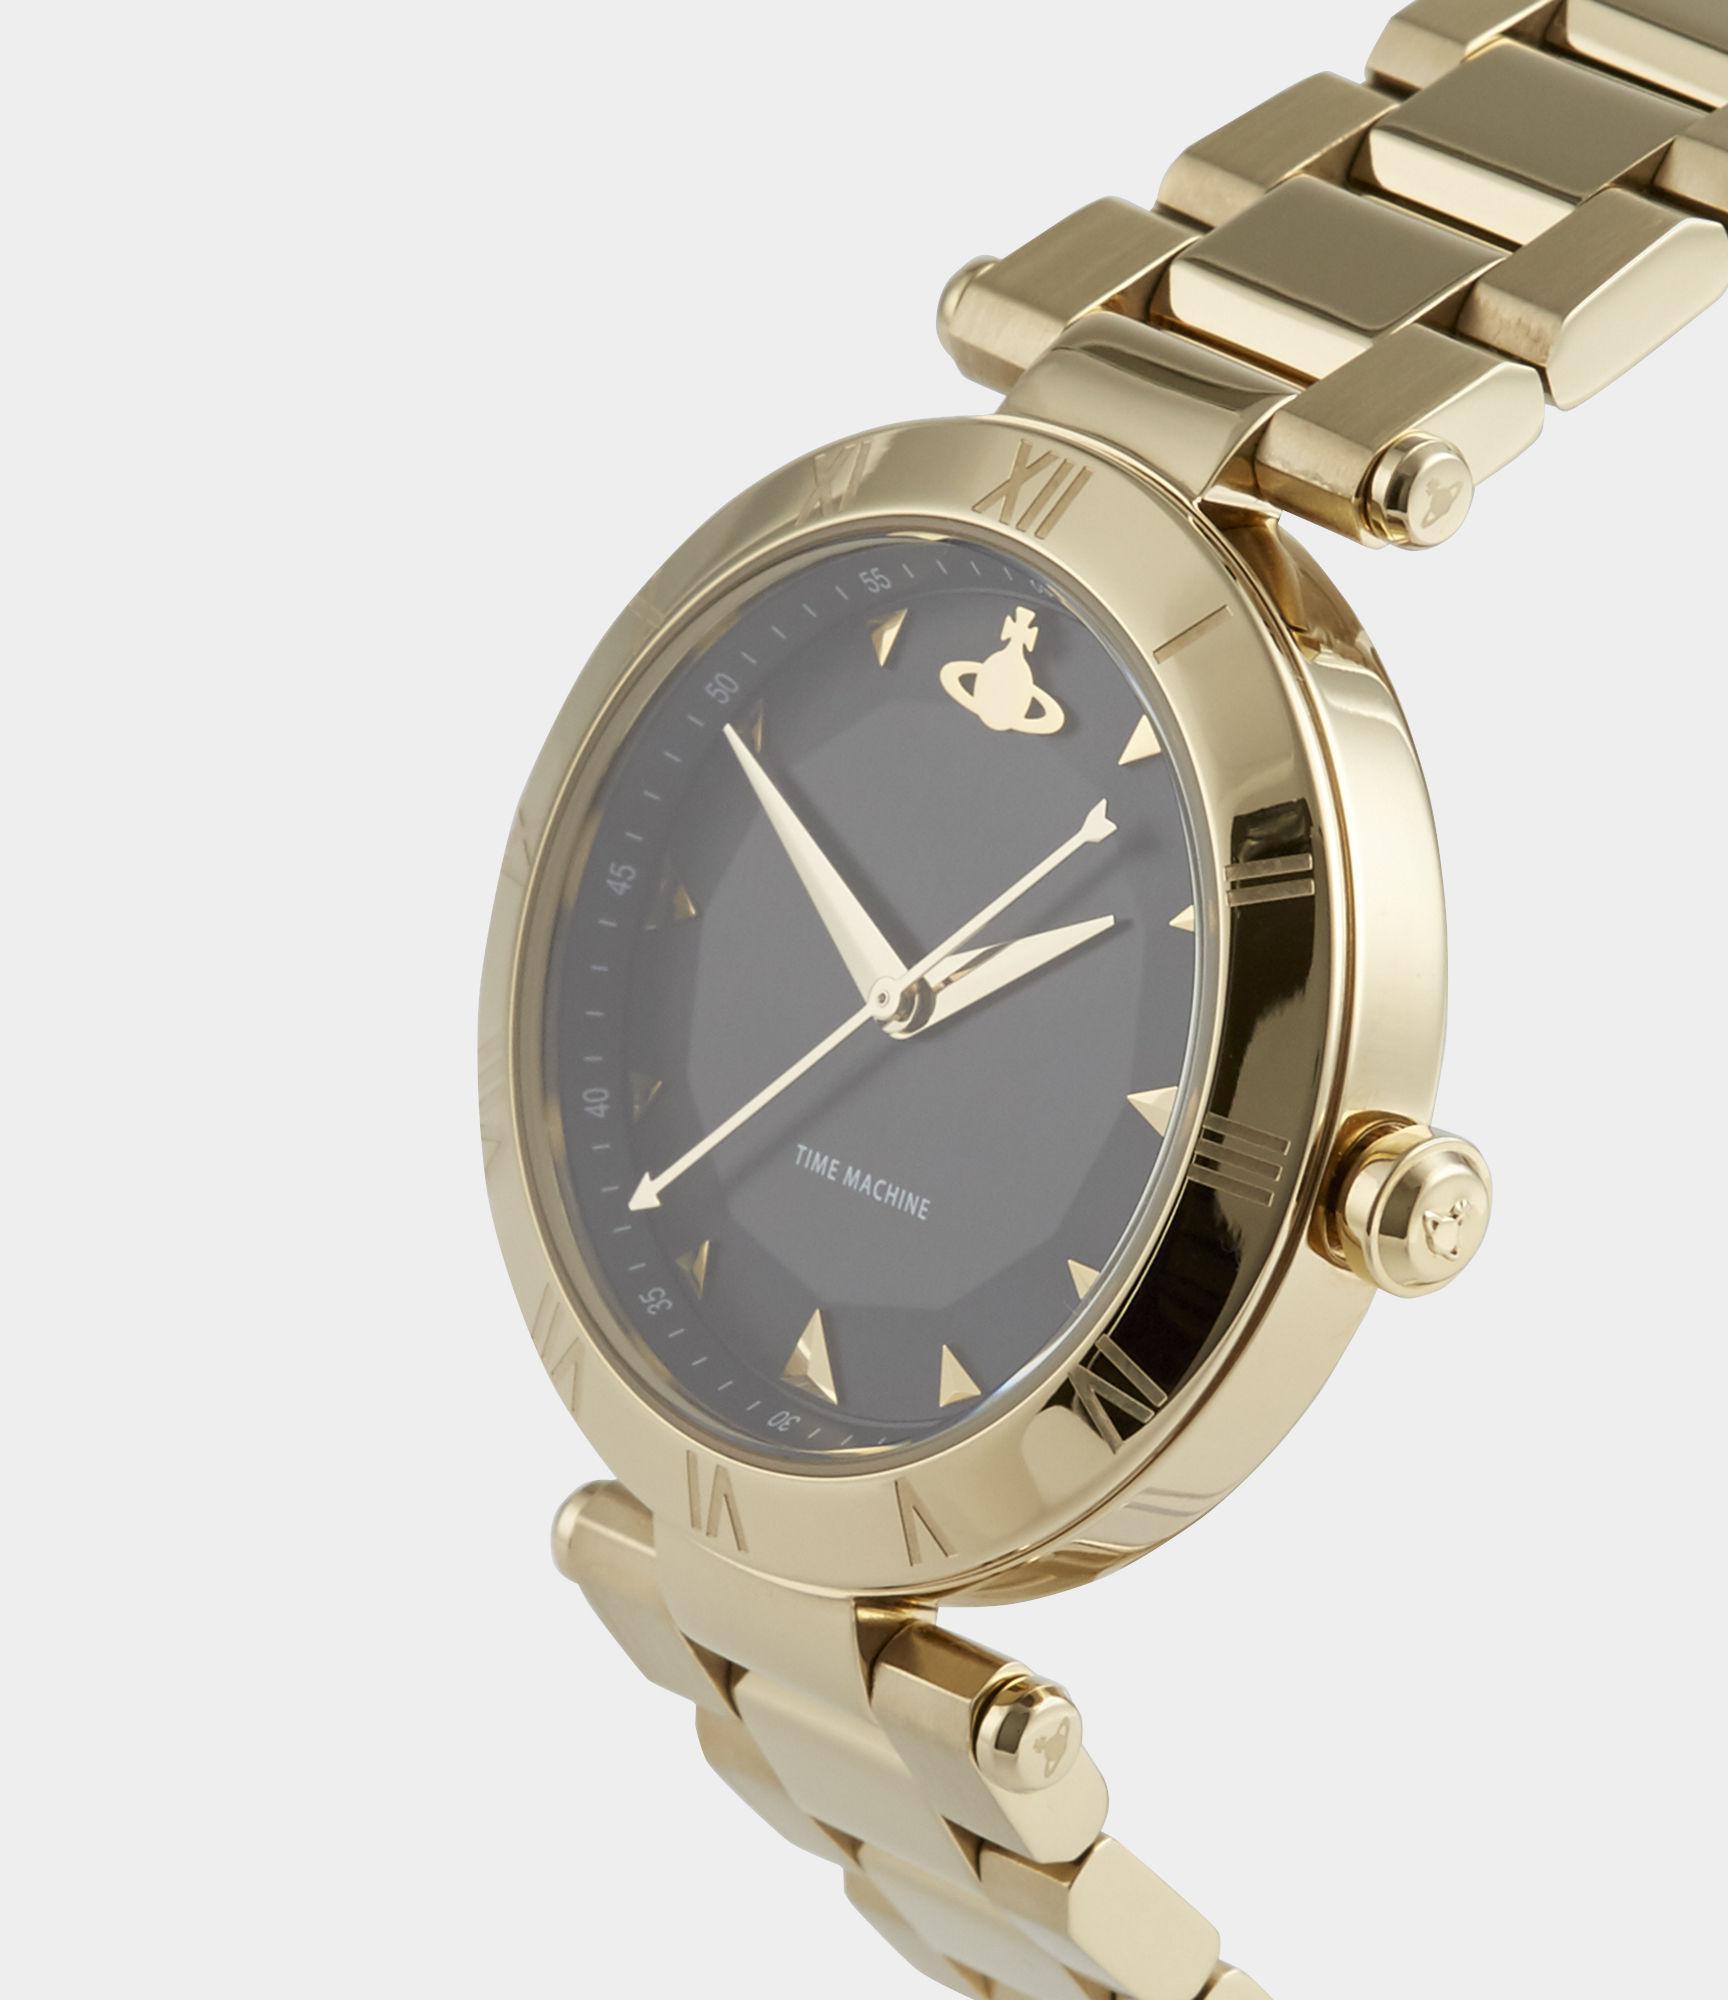 c8f992f3fe65 Vivienne Westwood Montagu Watch Gold in Metallic - Lyst